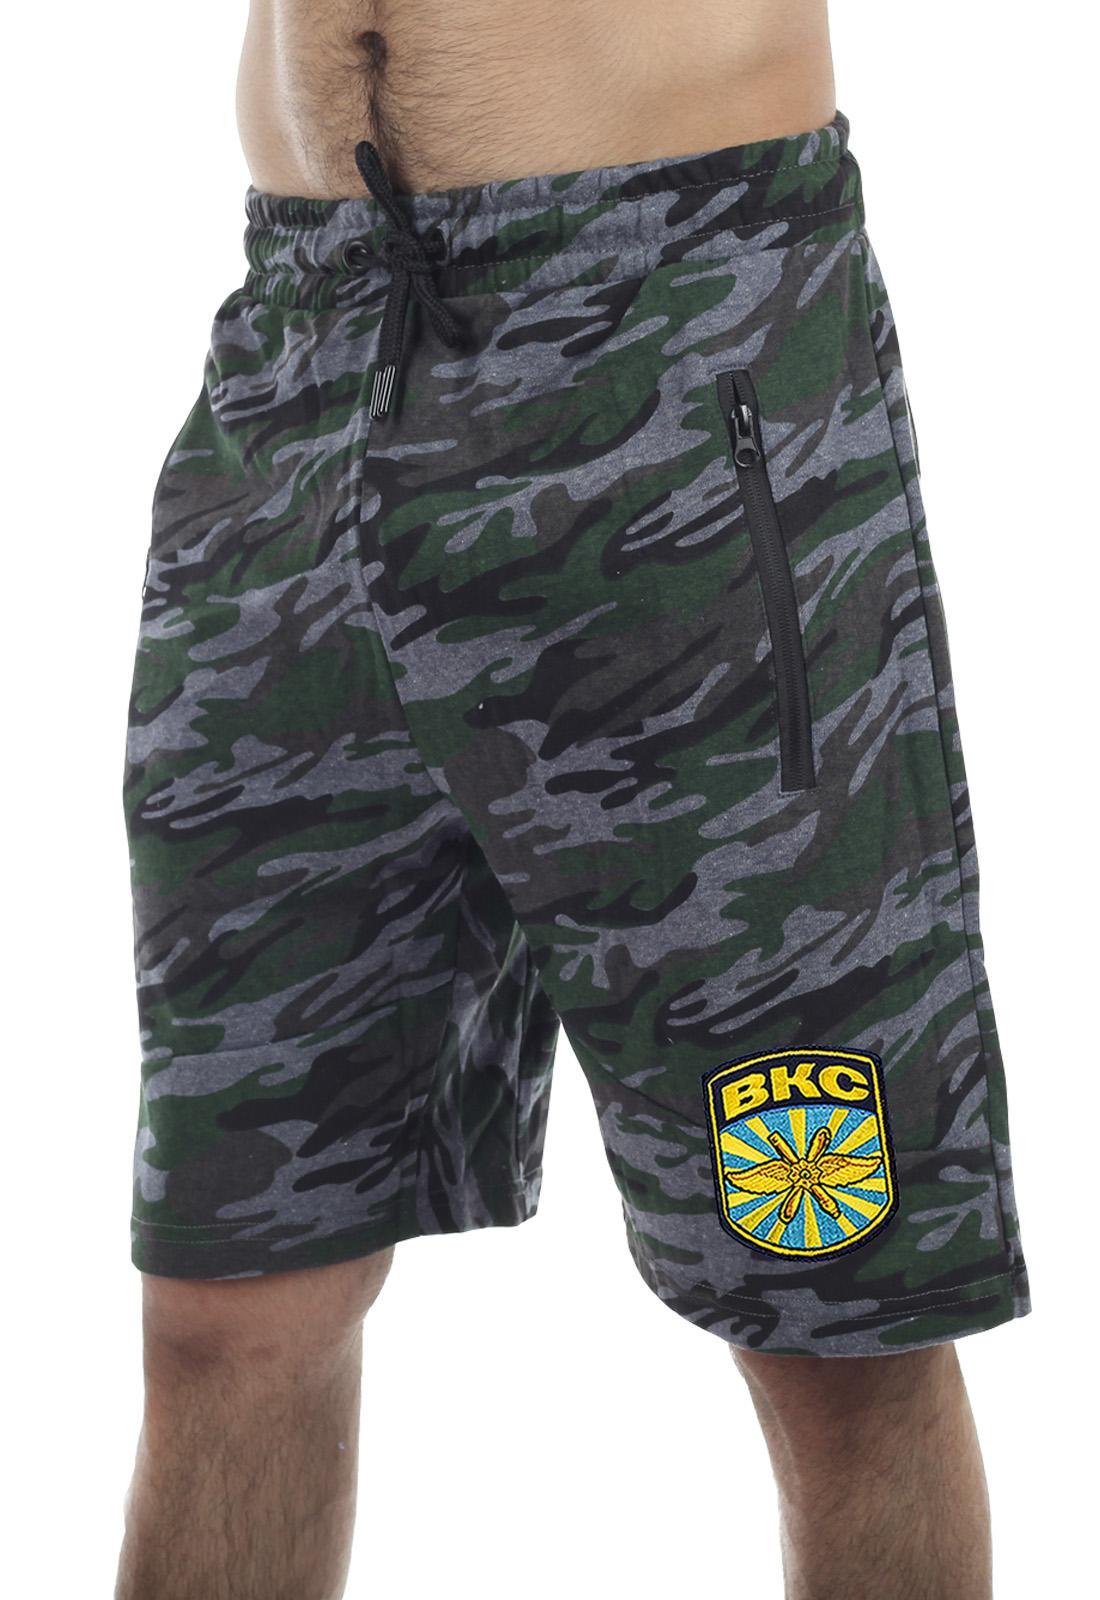 Купить удлиненные мужские милитари-шорты с нашивкой ВКС по лучшей цене